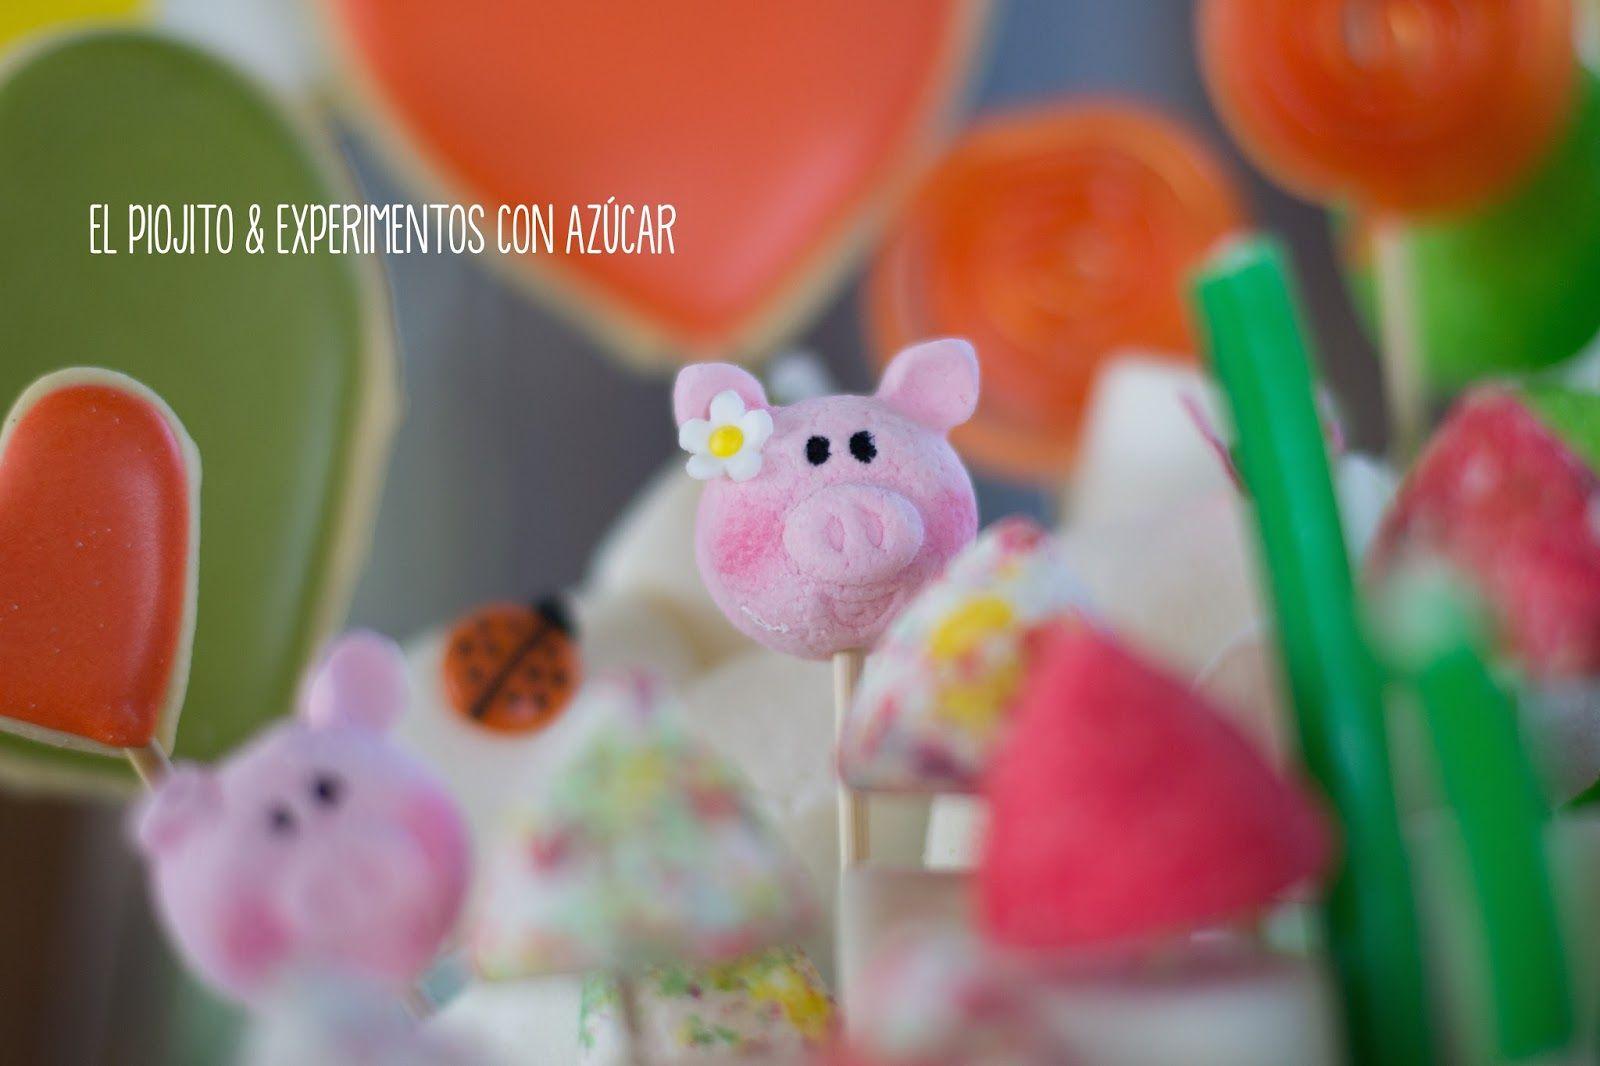 experimentos con azúcar, galletas decoradas Pamplona, cupcakes, cursos galletas decoradas, talleres infantiles, curso cupcakes Pamplona, curso cupcakes, cursos galletas pamplona, cursos galletas decoradas Pamplona